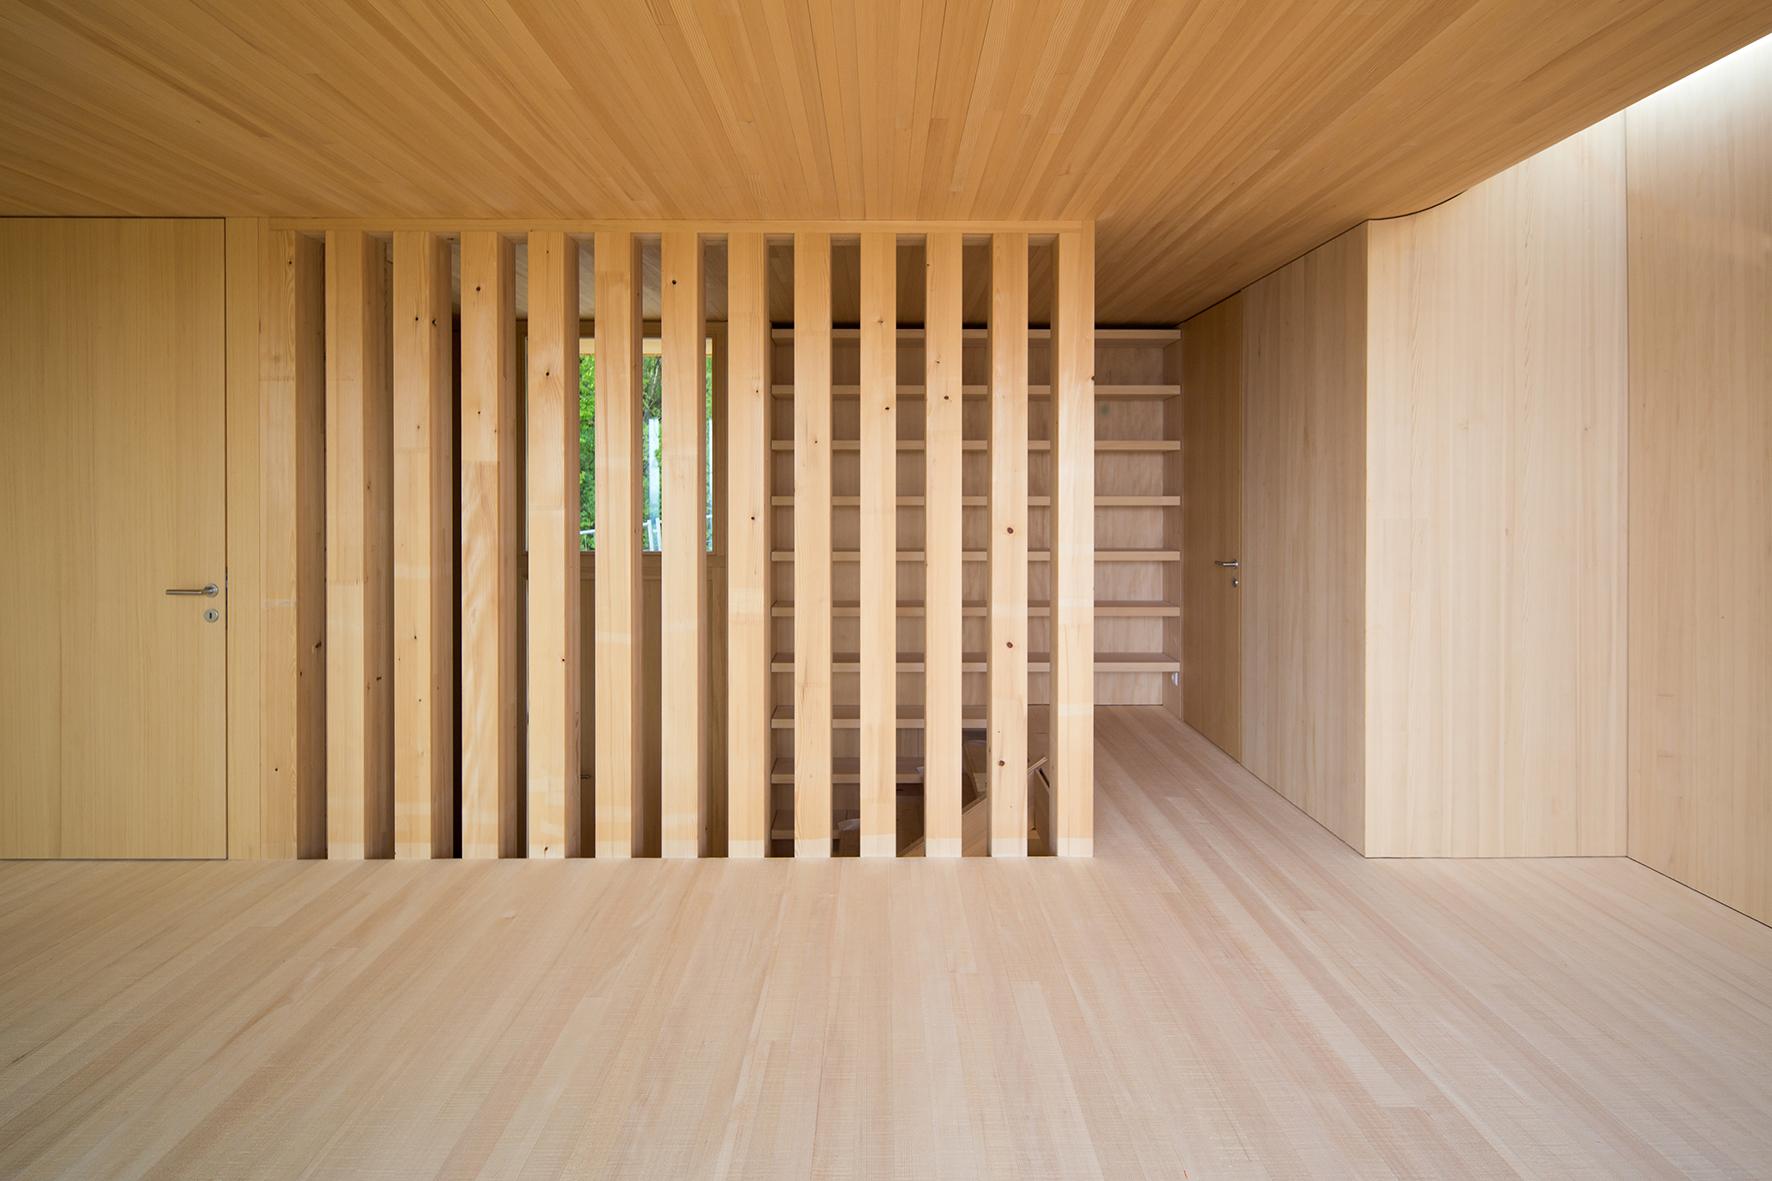 TROY Haus mit Kirschbaum 14